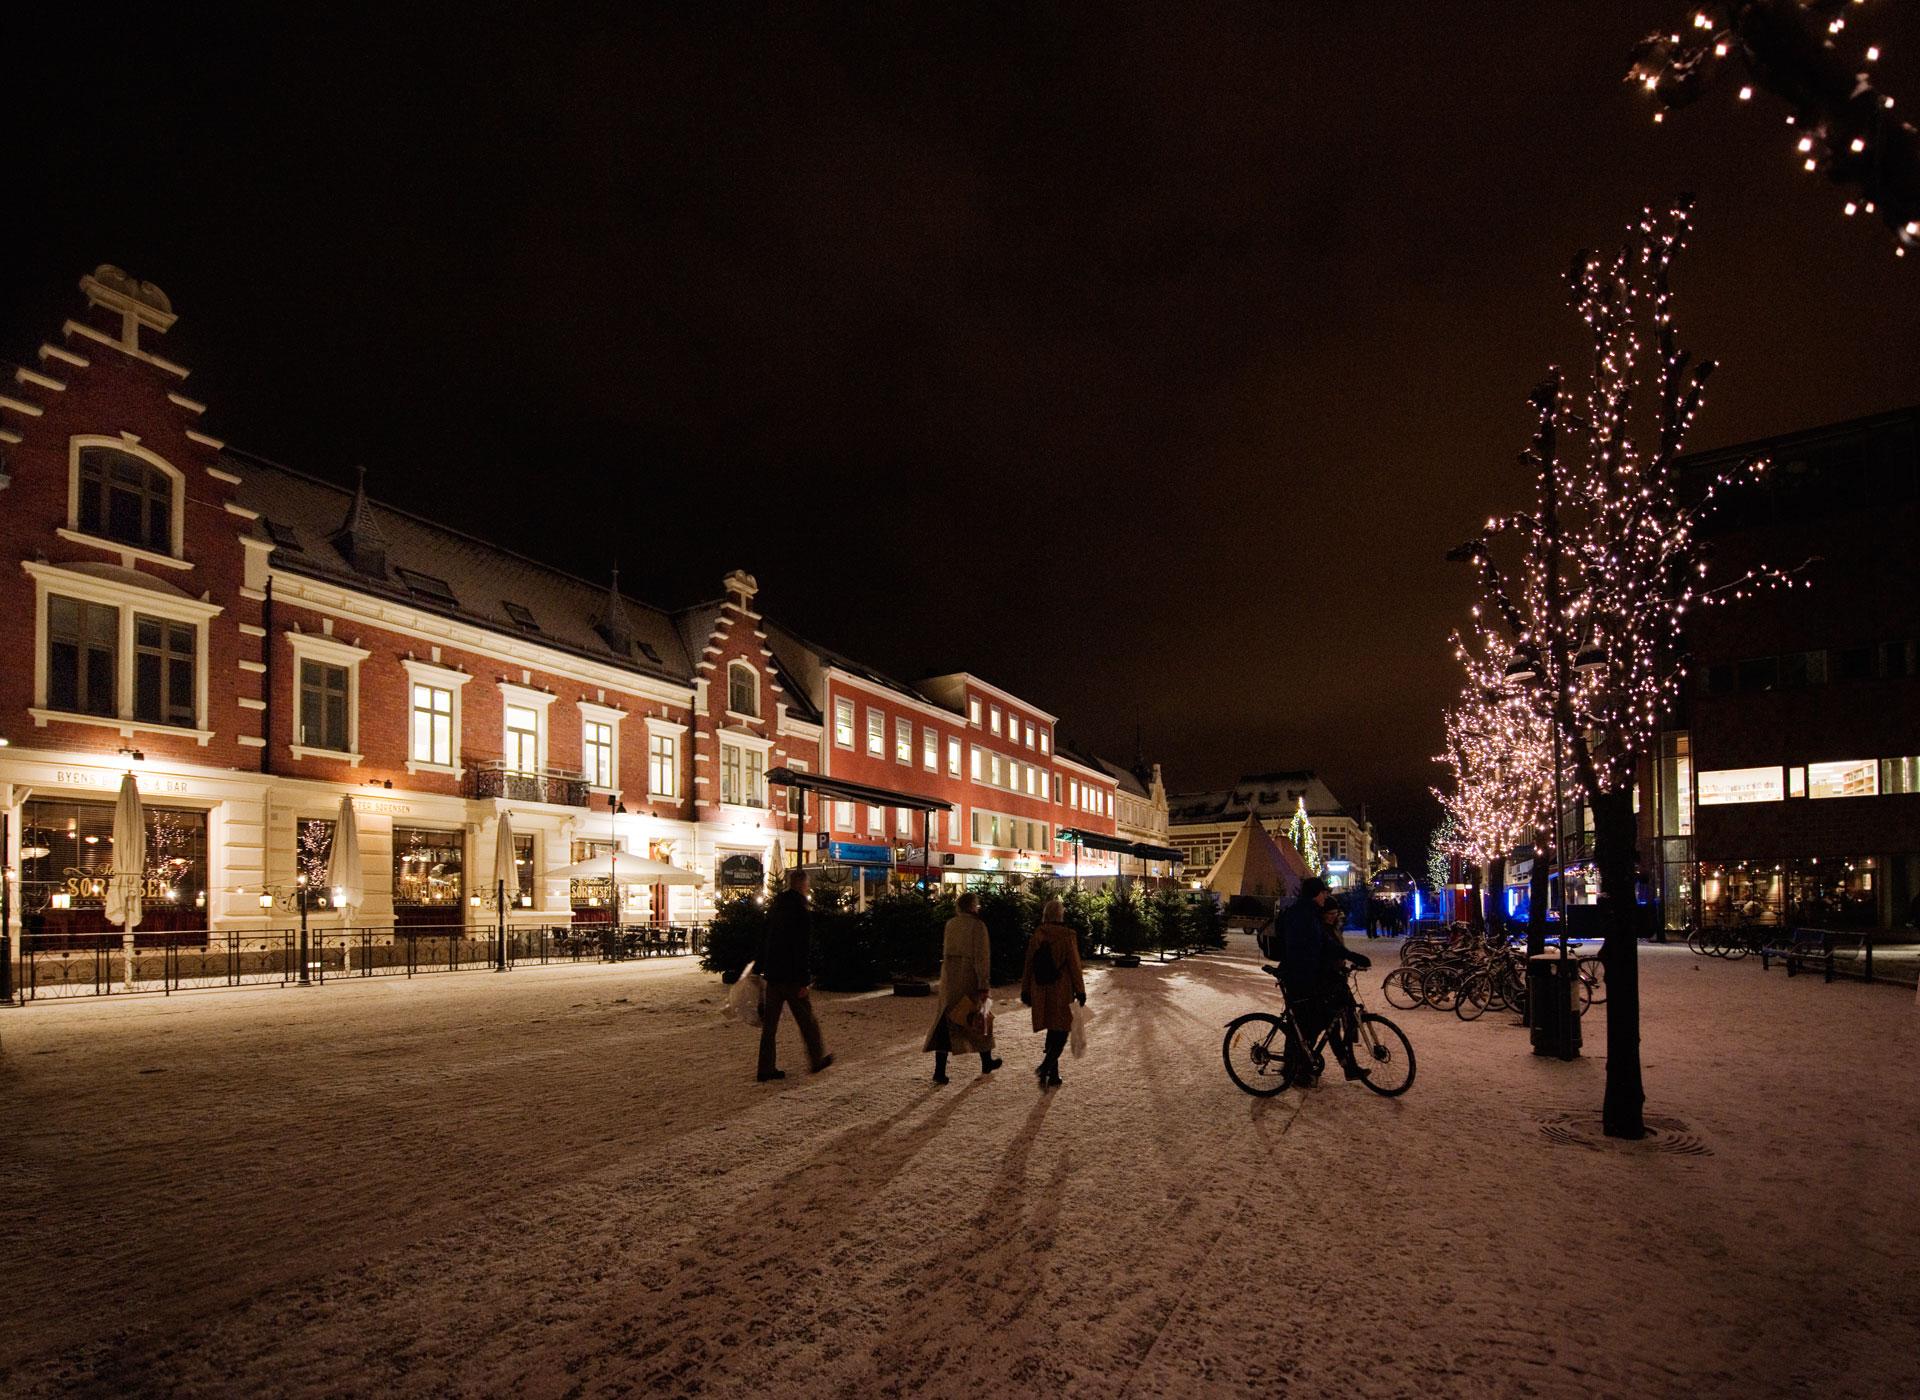 Bilde av Vinter på torvet i Kristiansand, en by hvor det skjer mye spennende byutvikling for tiden. Foto: Guri Dahl